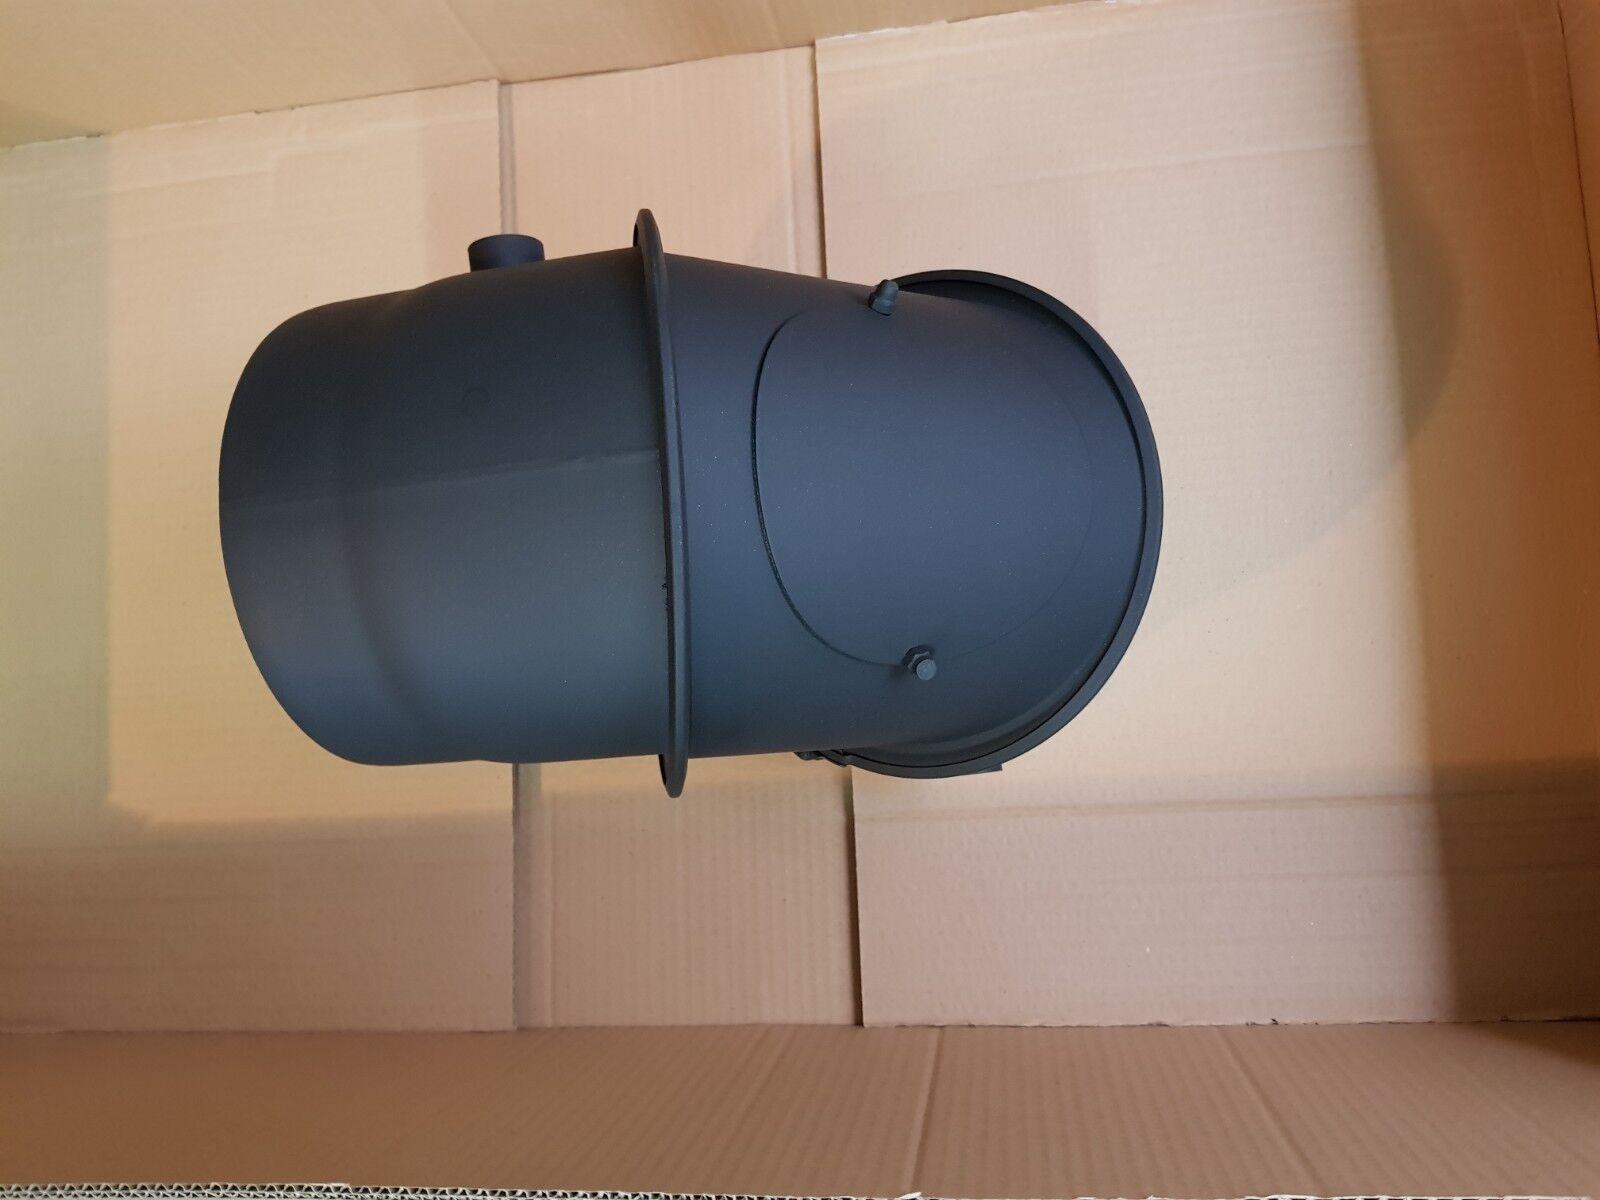 SCAMBIATORE GAS di scarico fumi tubo scambiatore di calore acqua DN 200 arco leader